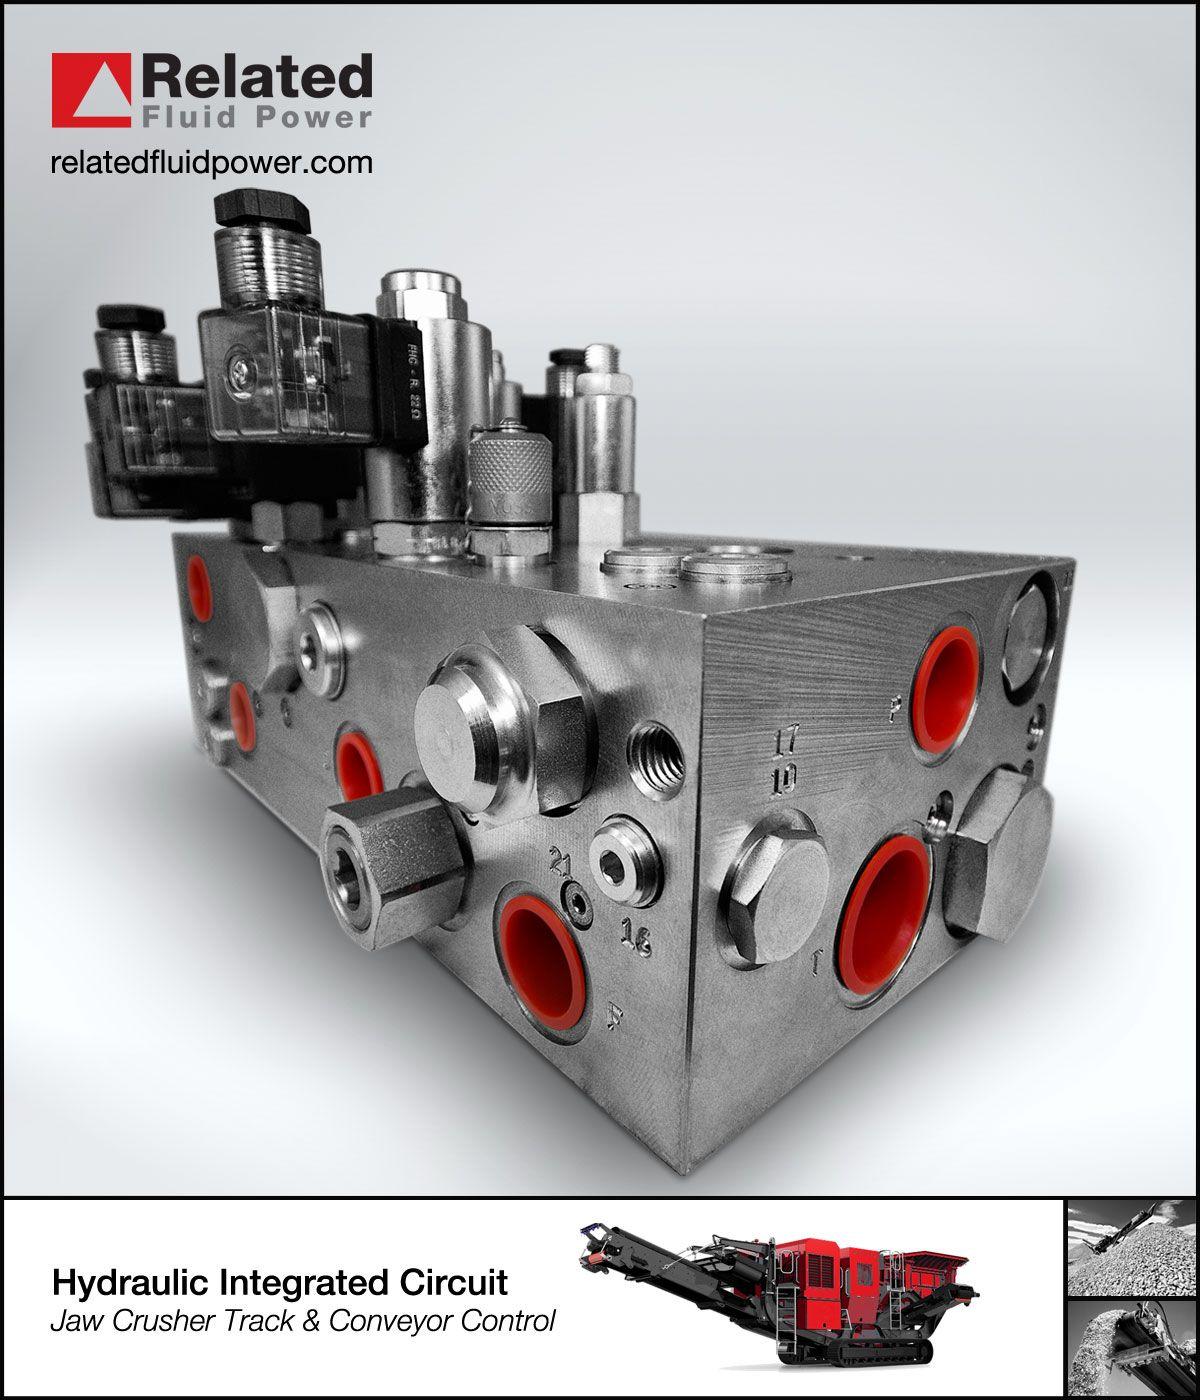 Hydraulic Manifold Systems | Hydraulic Manifold Systems in